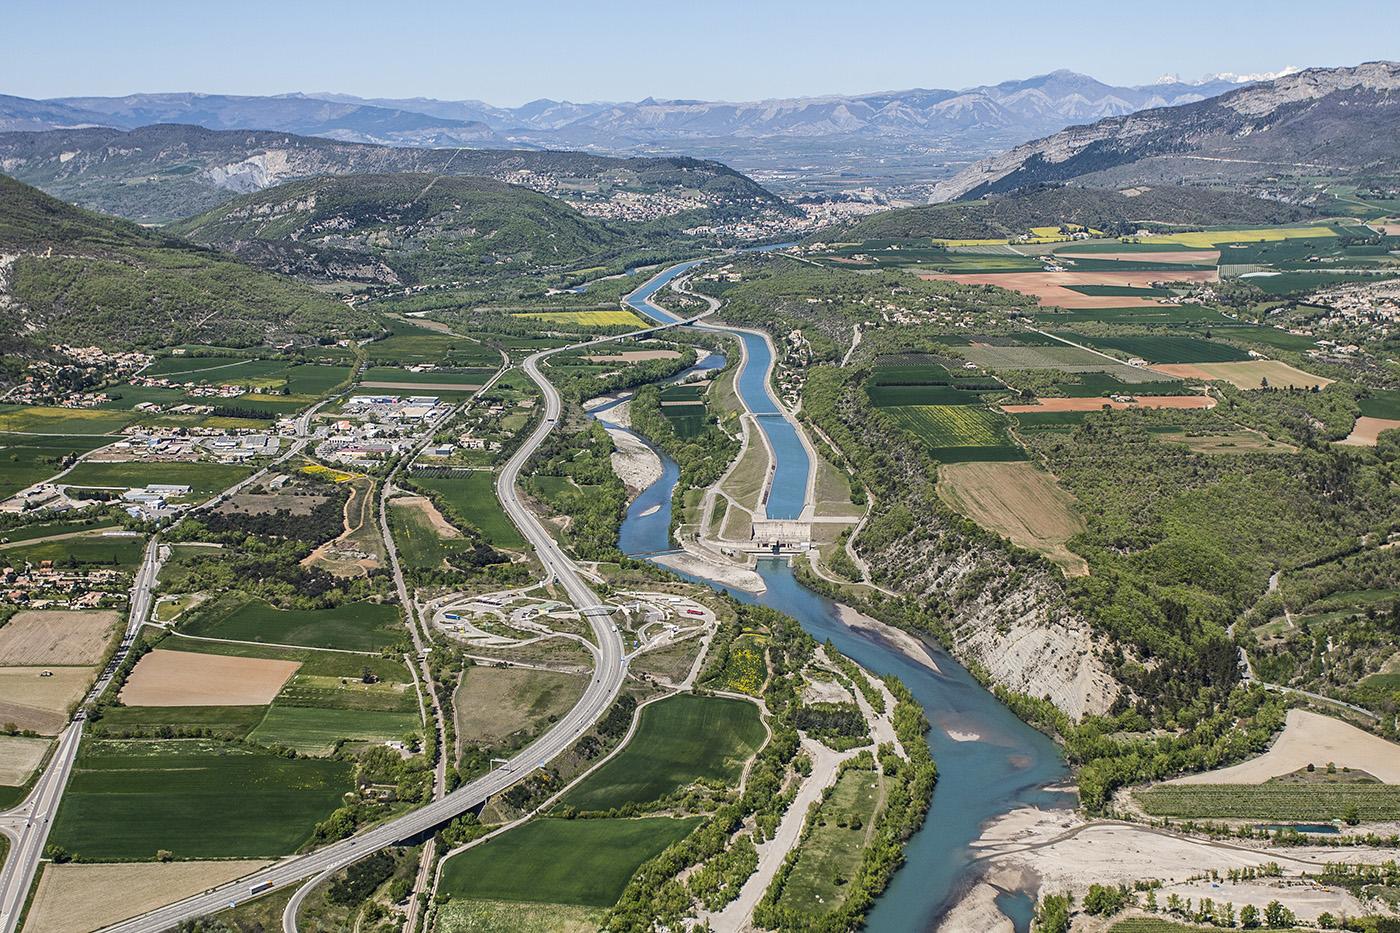 Vue aérienne de la Vallée de la Durance ©AD04-Thibaut Vergoz